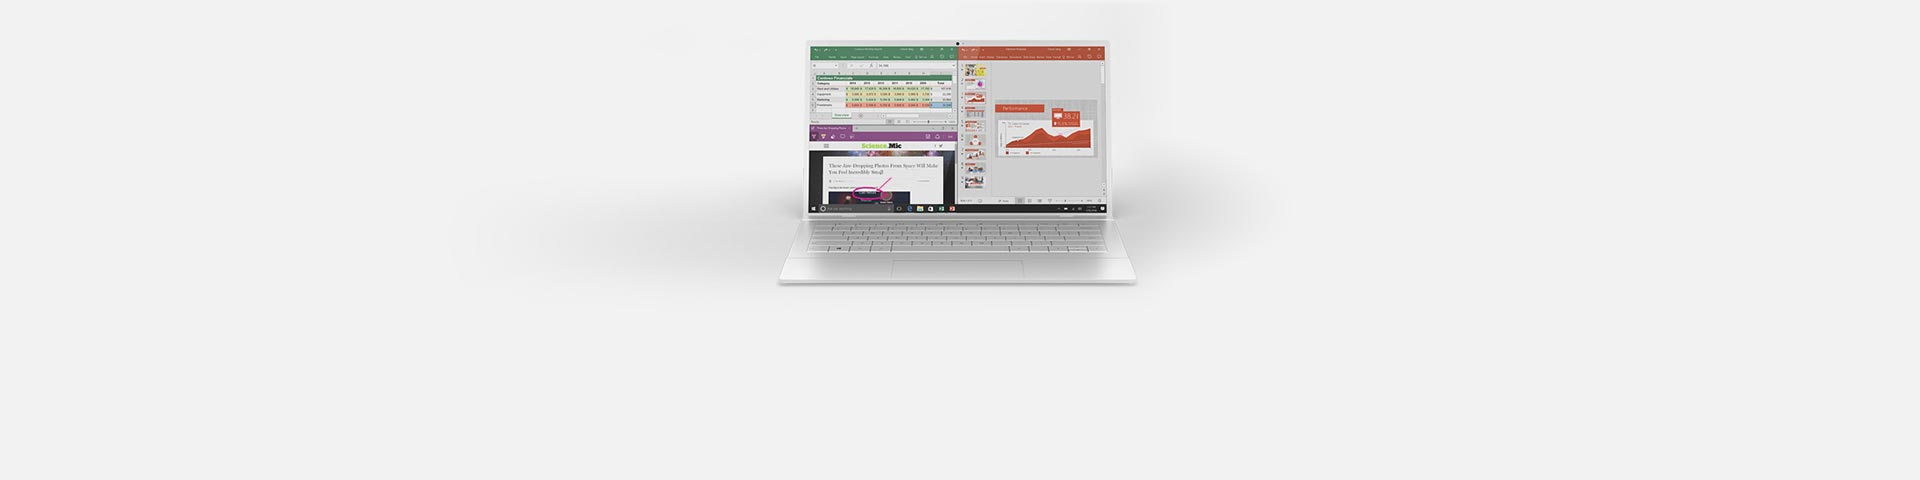 Un equipo portátil con aplicaciones de Office en la pantalla